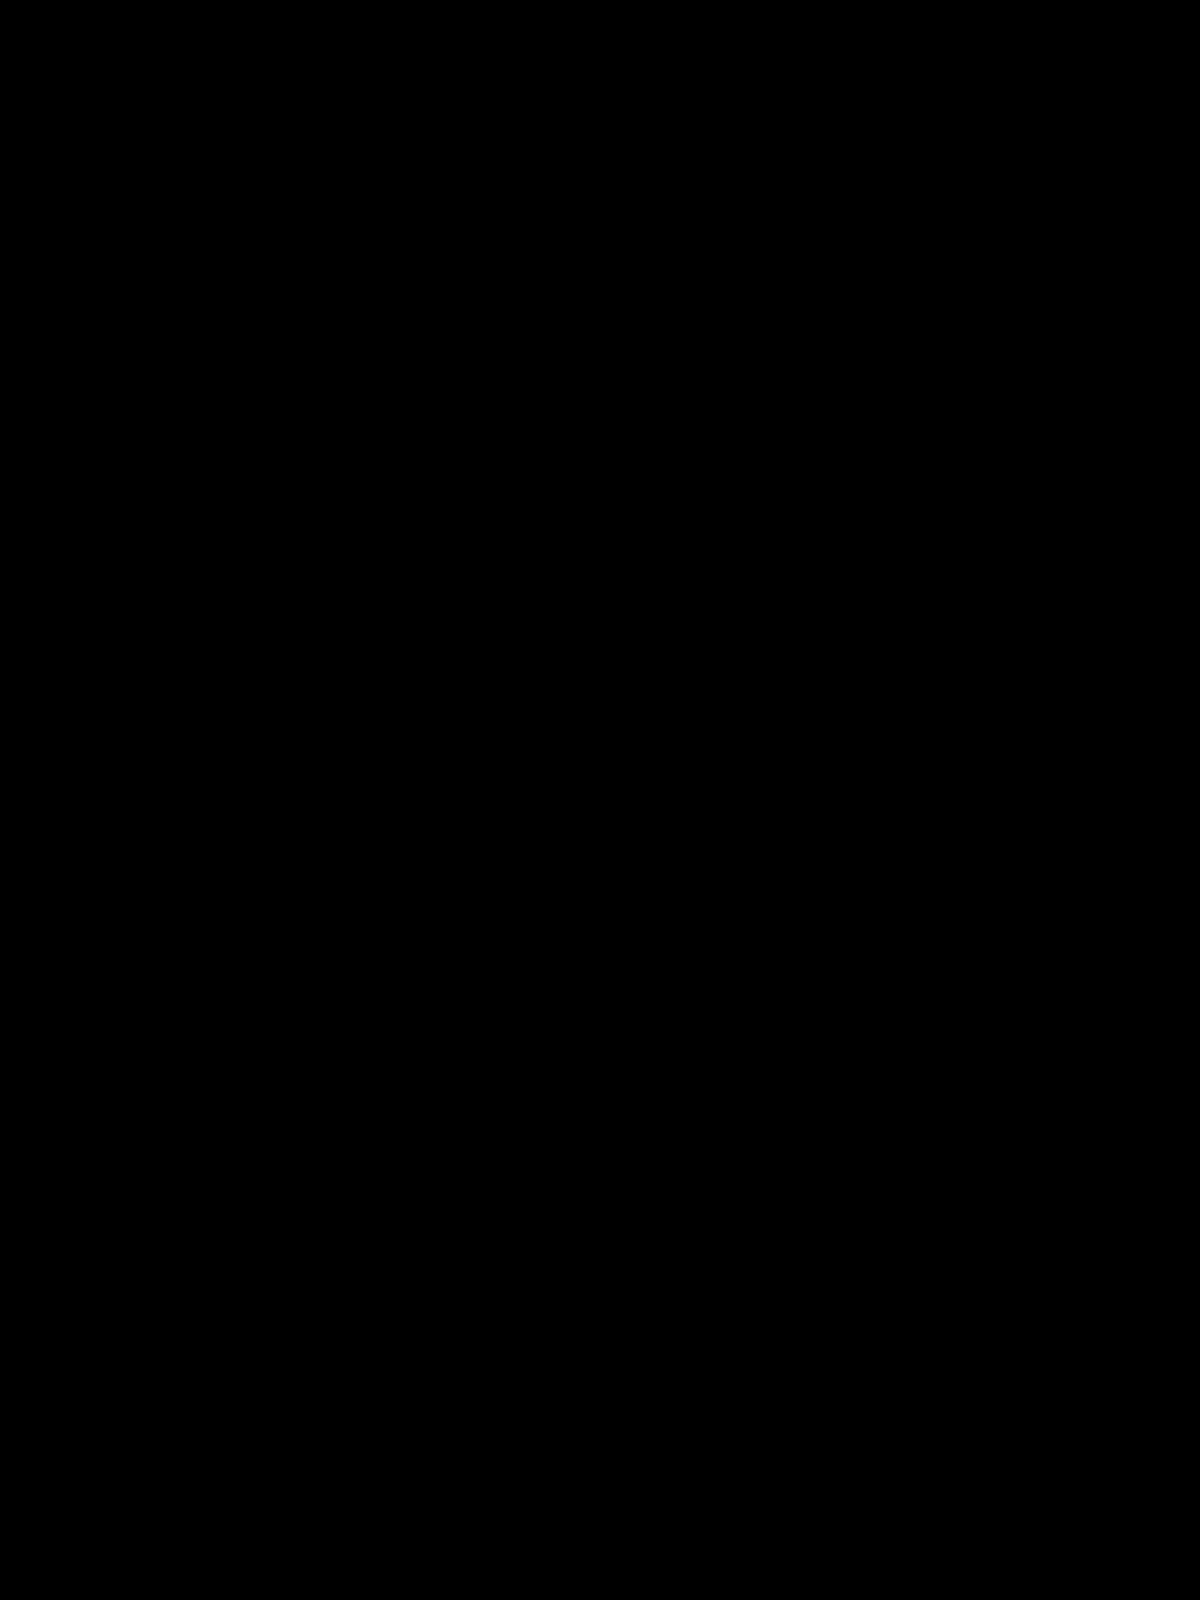 3ec55bf9-d733-45bb-848a-1c79f6fd3d99